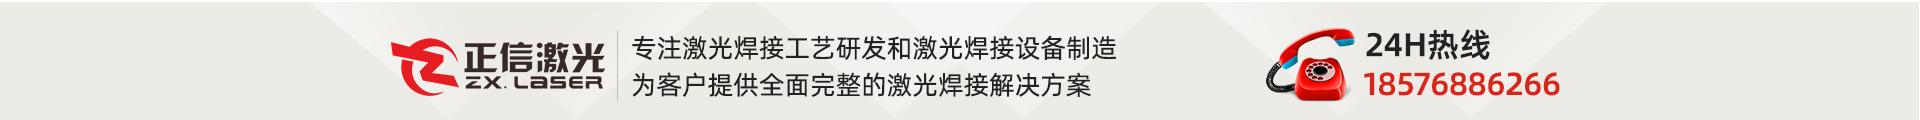 東莞市正信鐳射科技有限公司